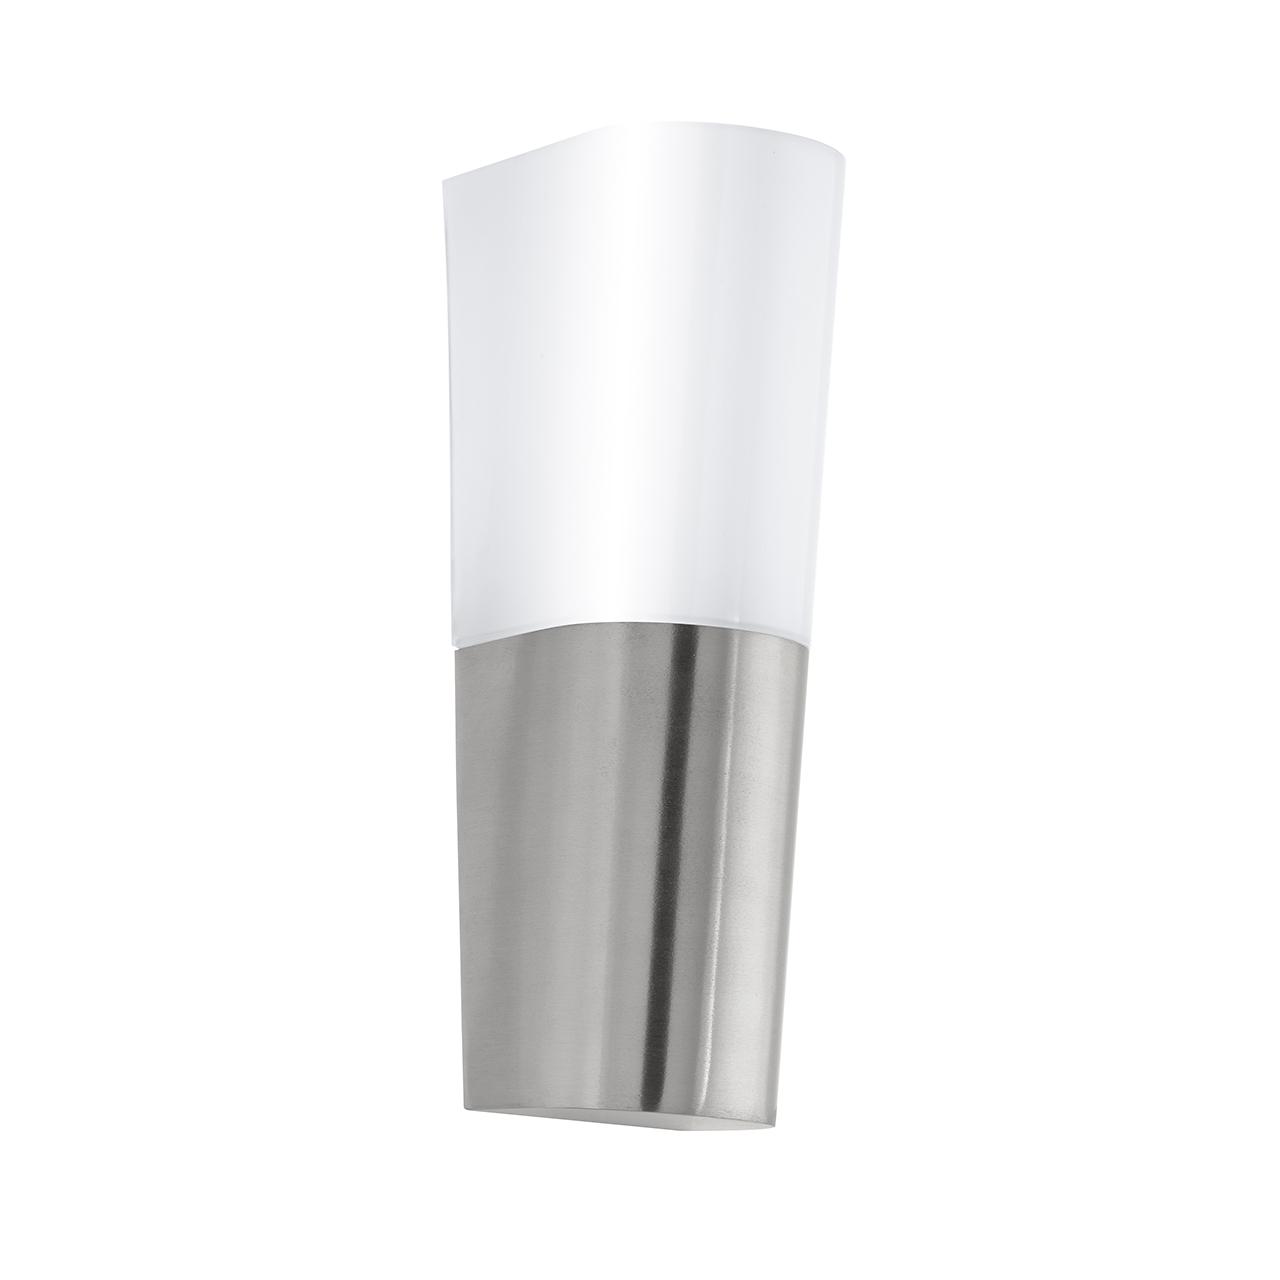 все цены на Уличный настенный светодиодный светильник Eglo Covale 96015 онлайн